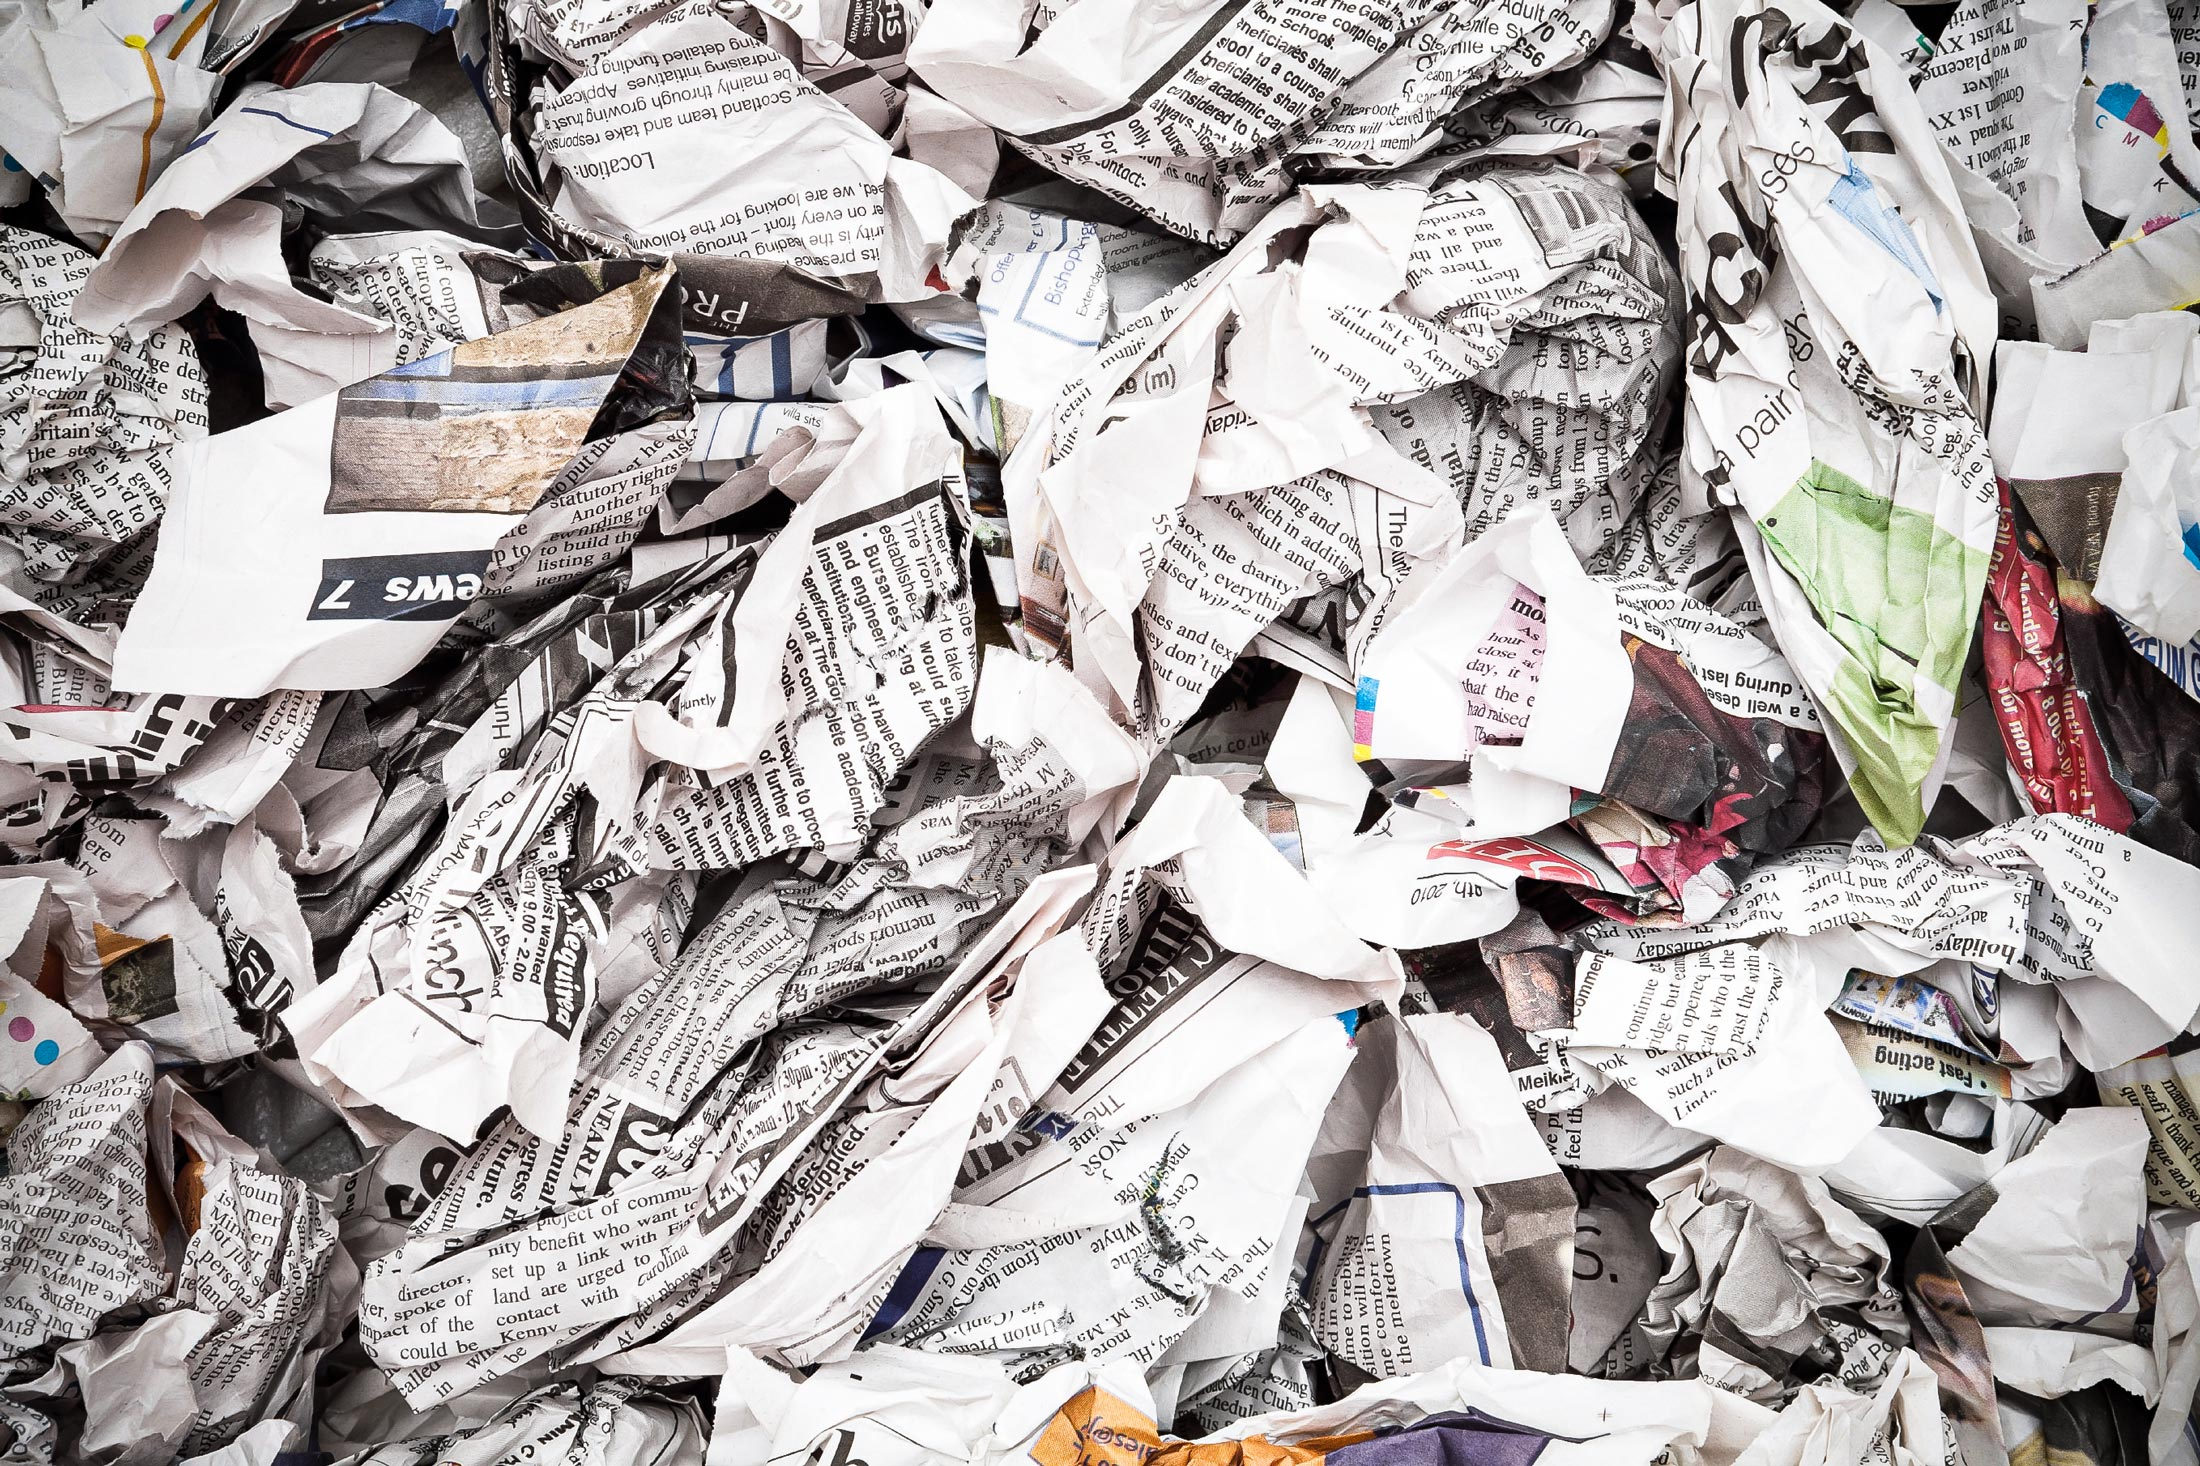 Zerknülltes Zeitungspapier